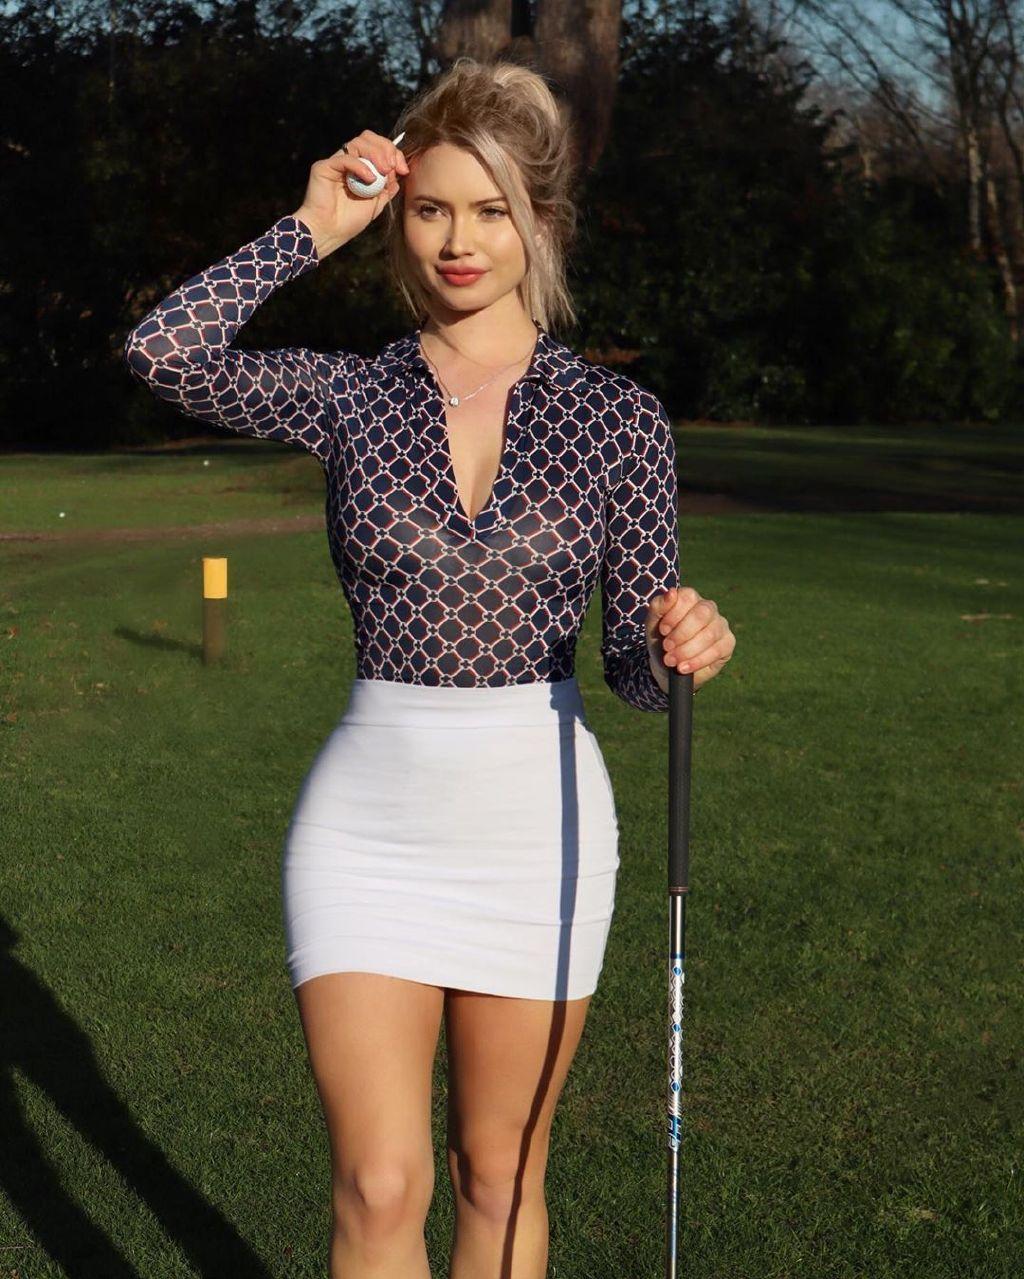 教练,我想打高尔夫! 涨姿势 第7张